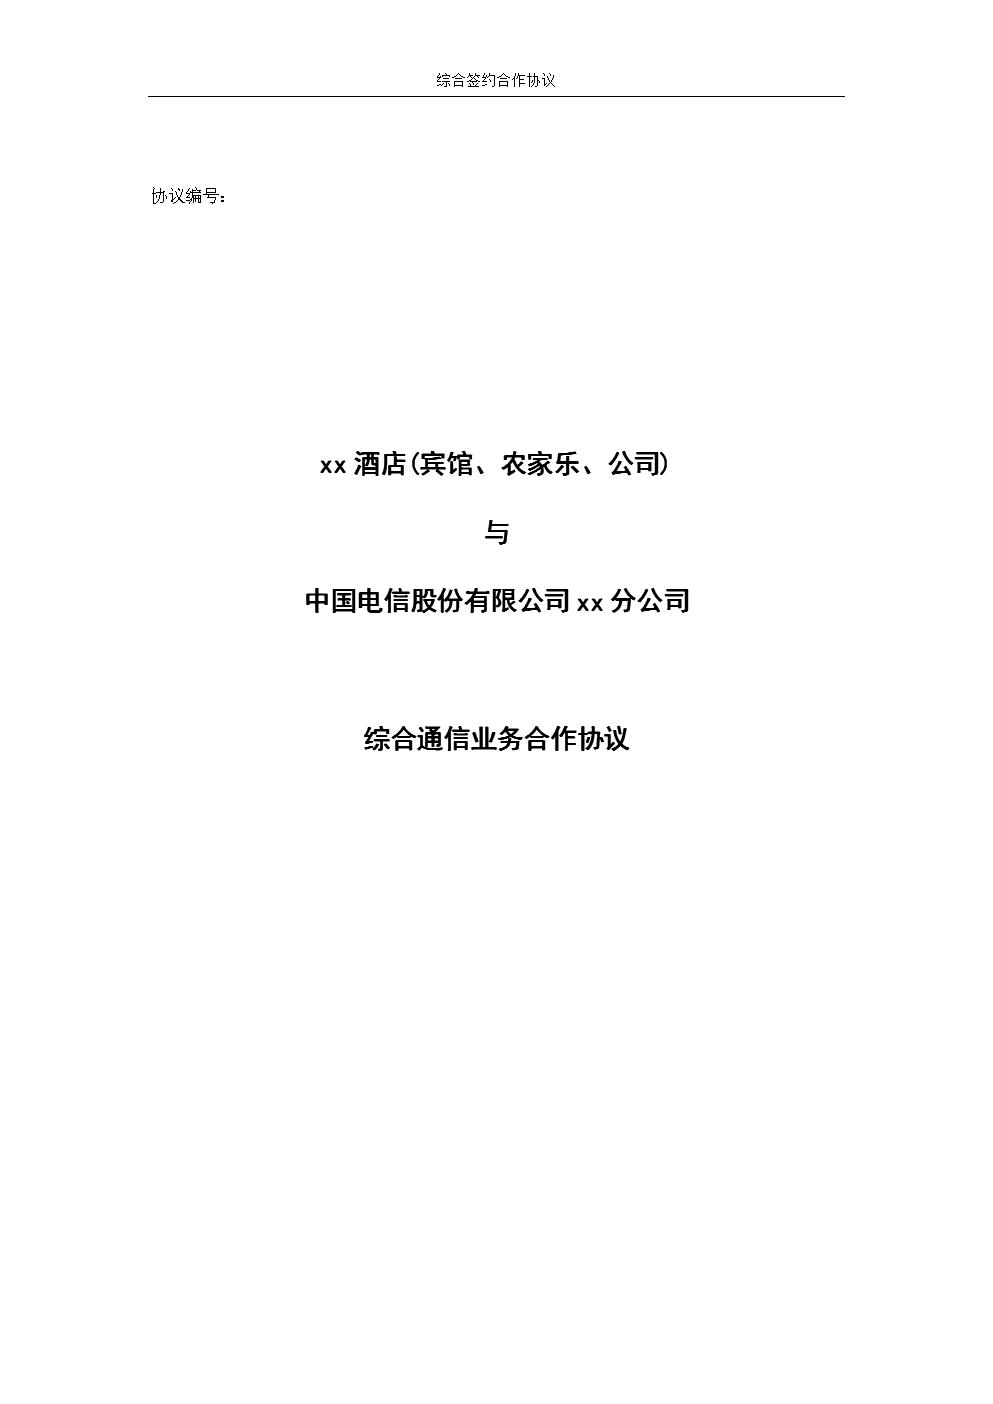 郑州电信公司《中国电信表酒店完美联盟项目合作协议》2018年最新.docx